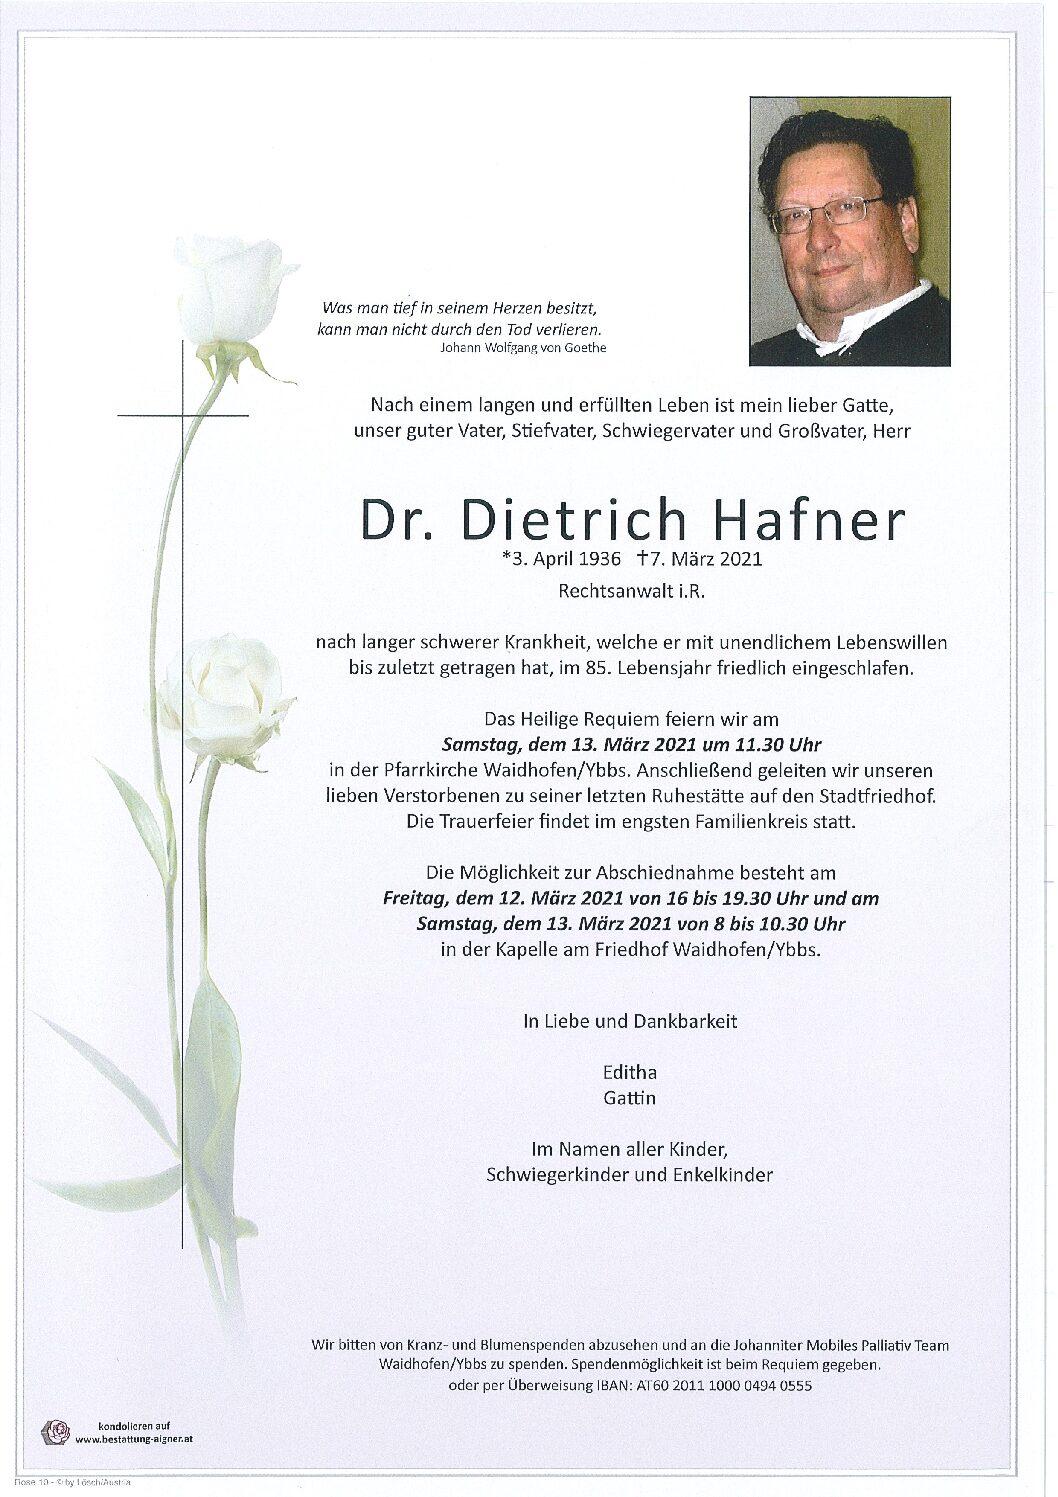 Dr. Dietrich Hafner